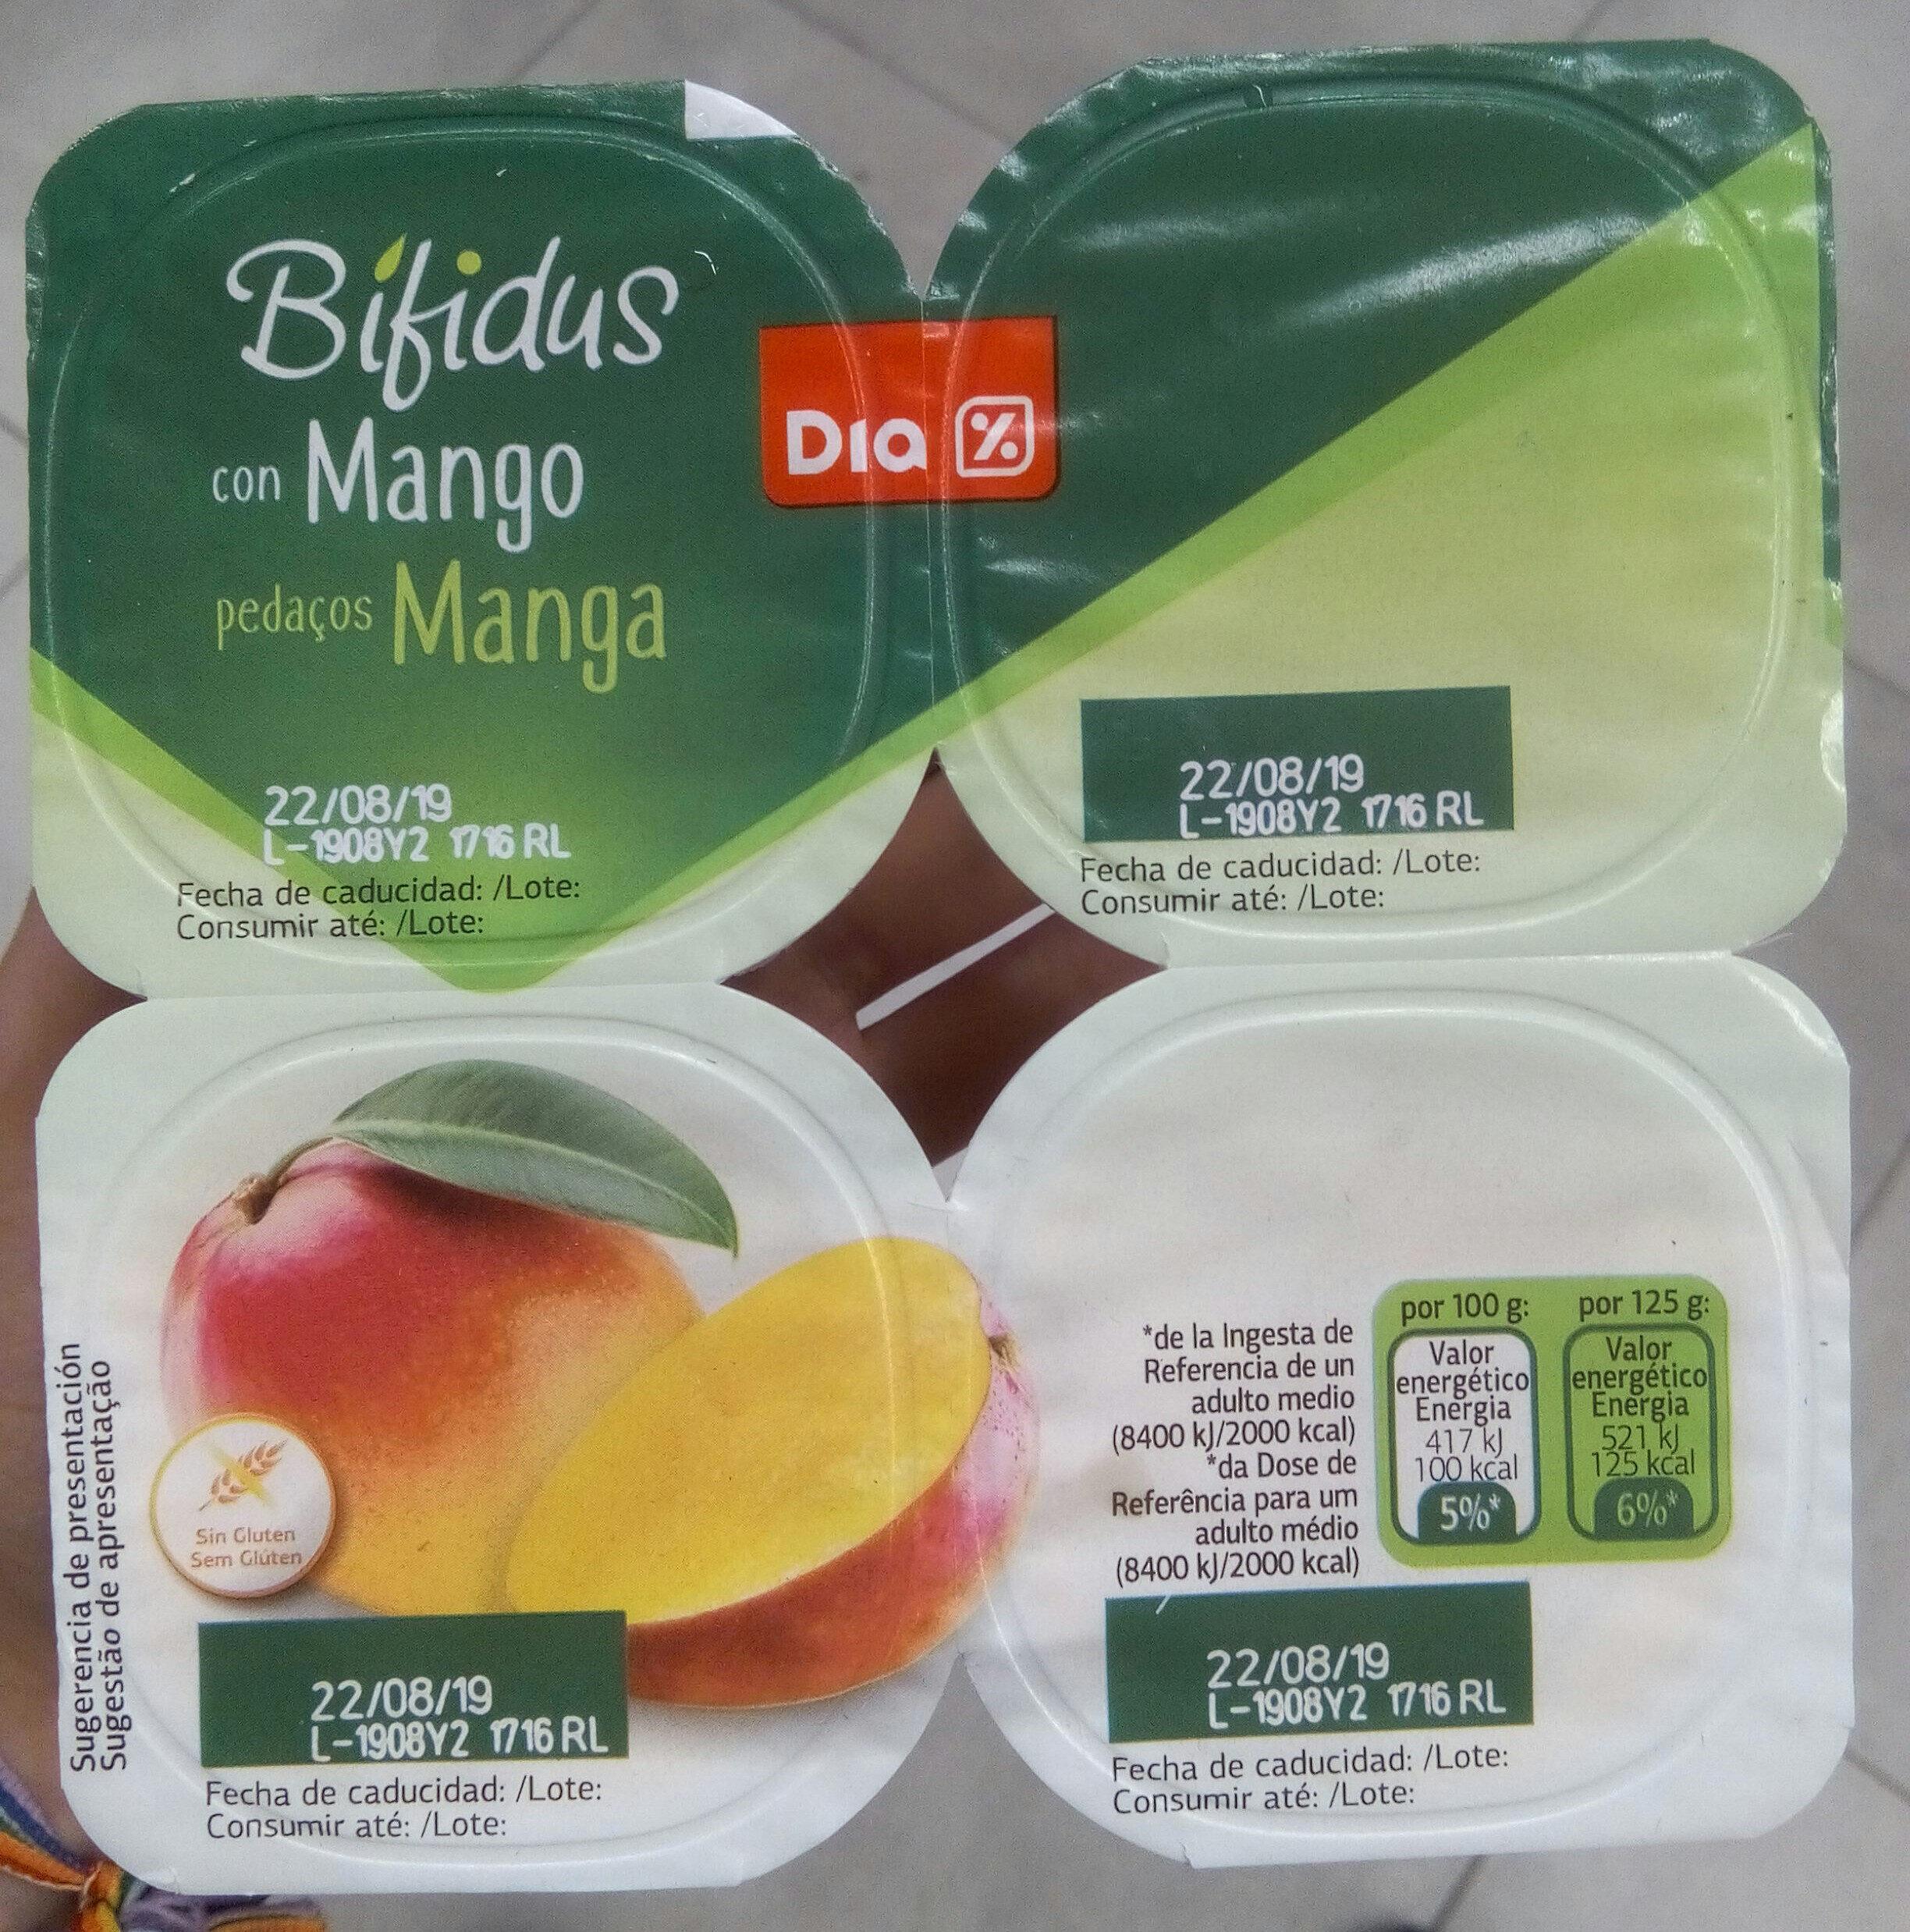 Bifidus pedazos mango - Producte - es